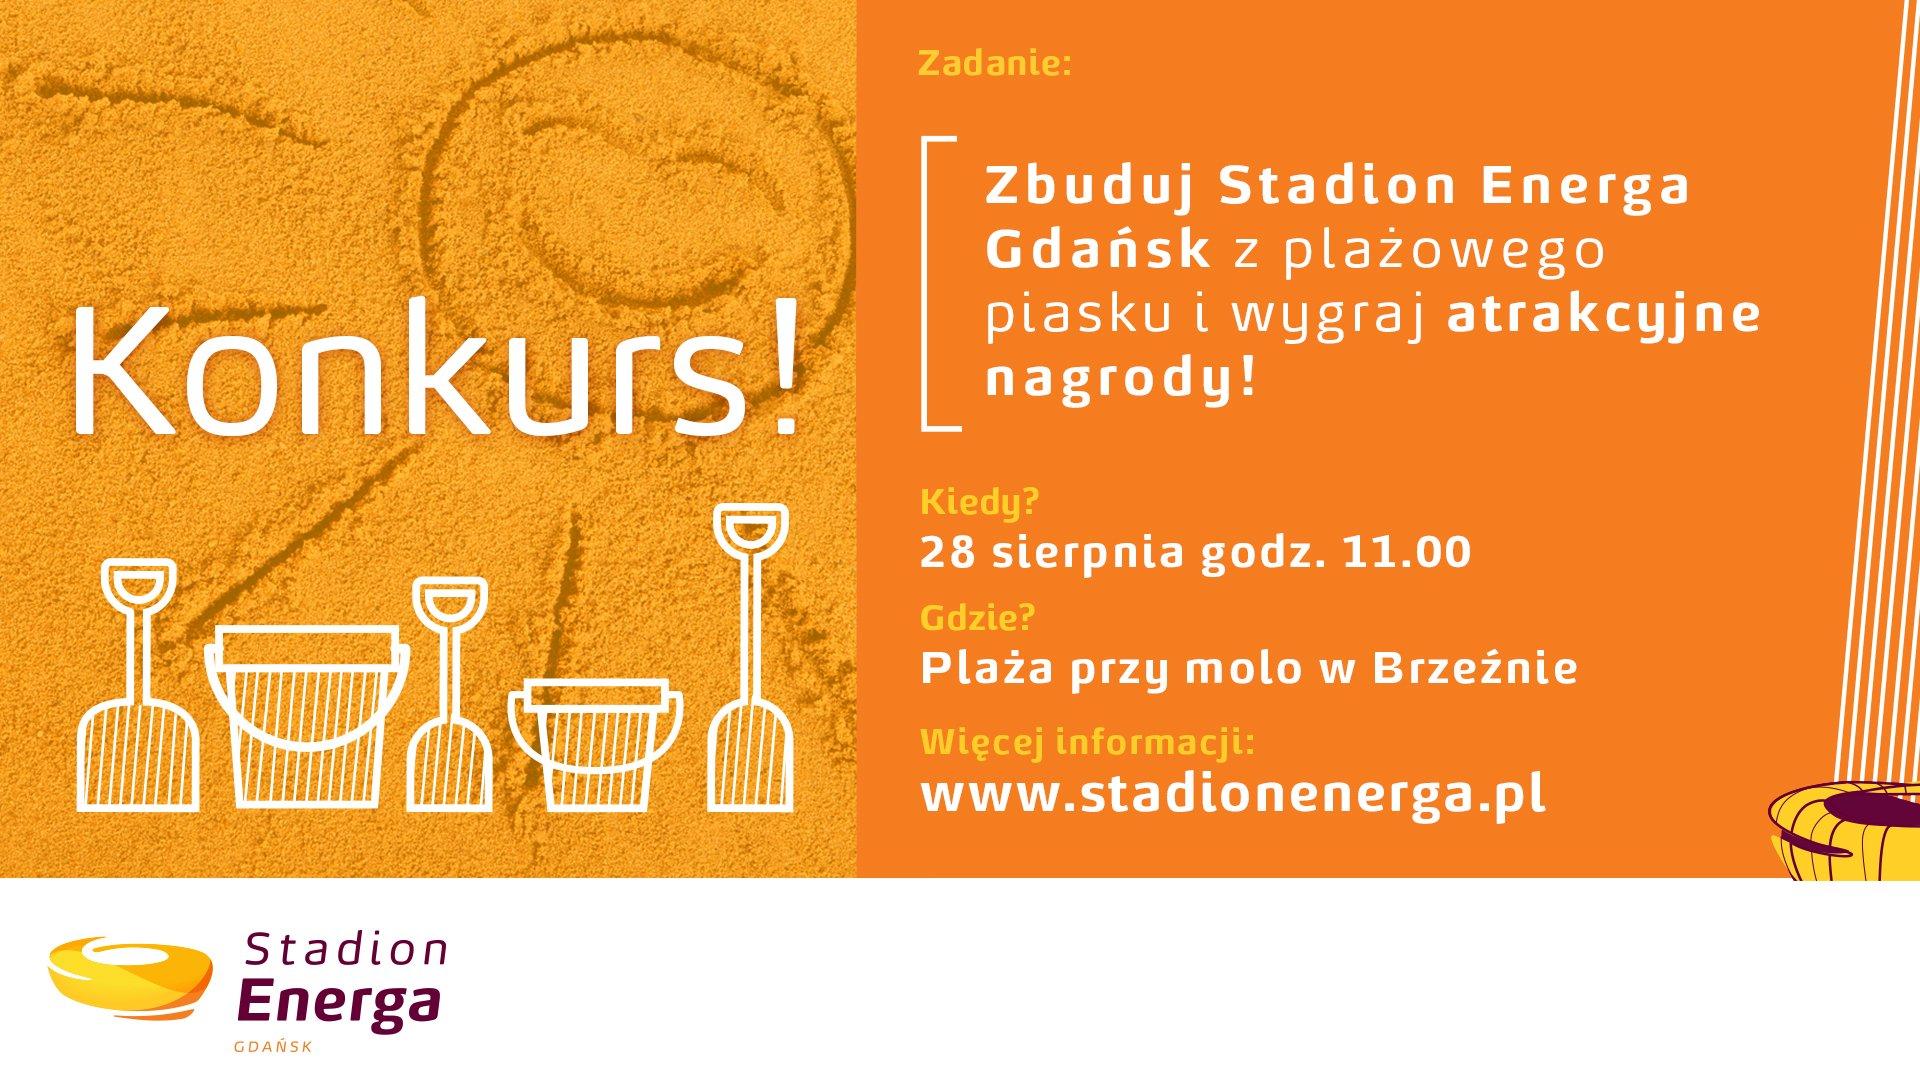 stadion_energa z_piasku